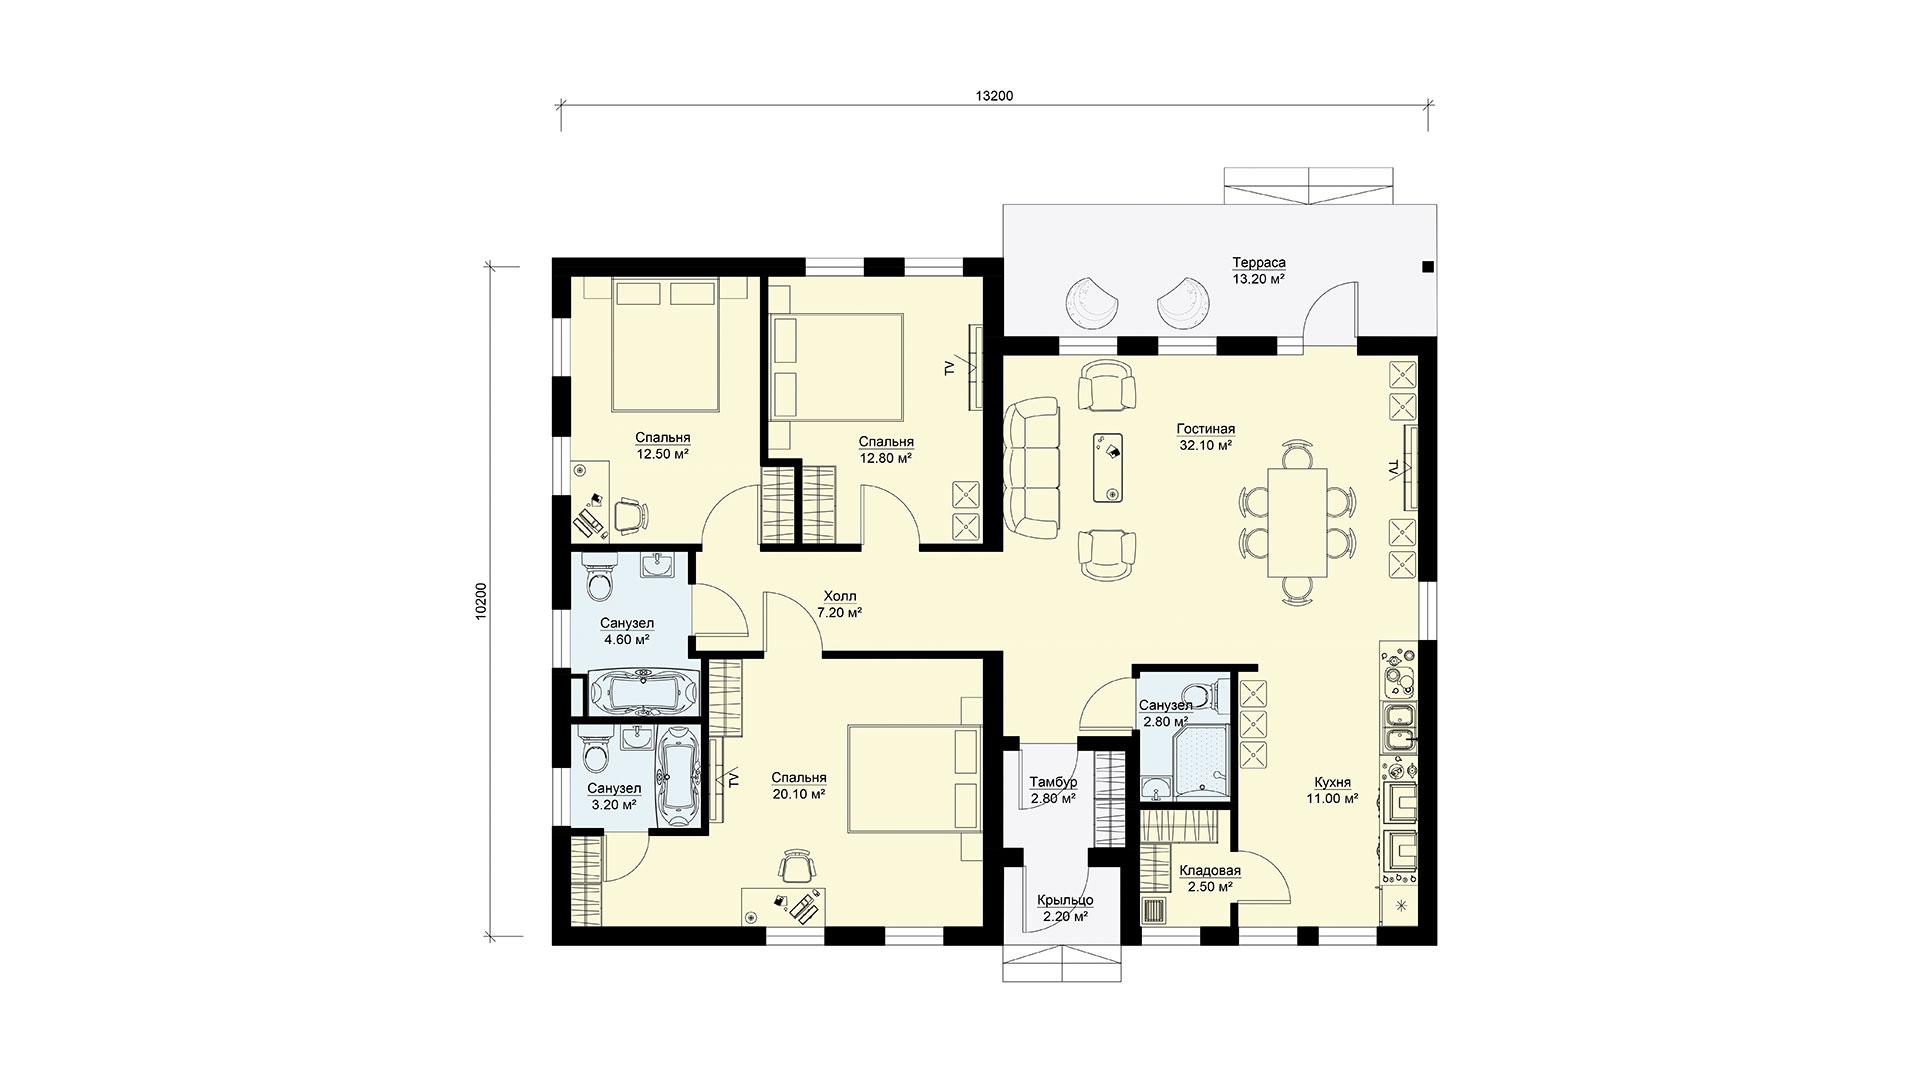 Планировка одноэтажного дачного дома БЭНПАН. Проект БП-127.